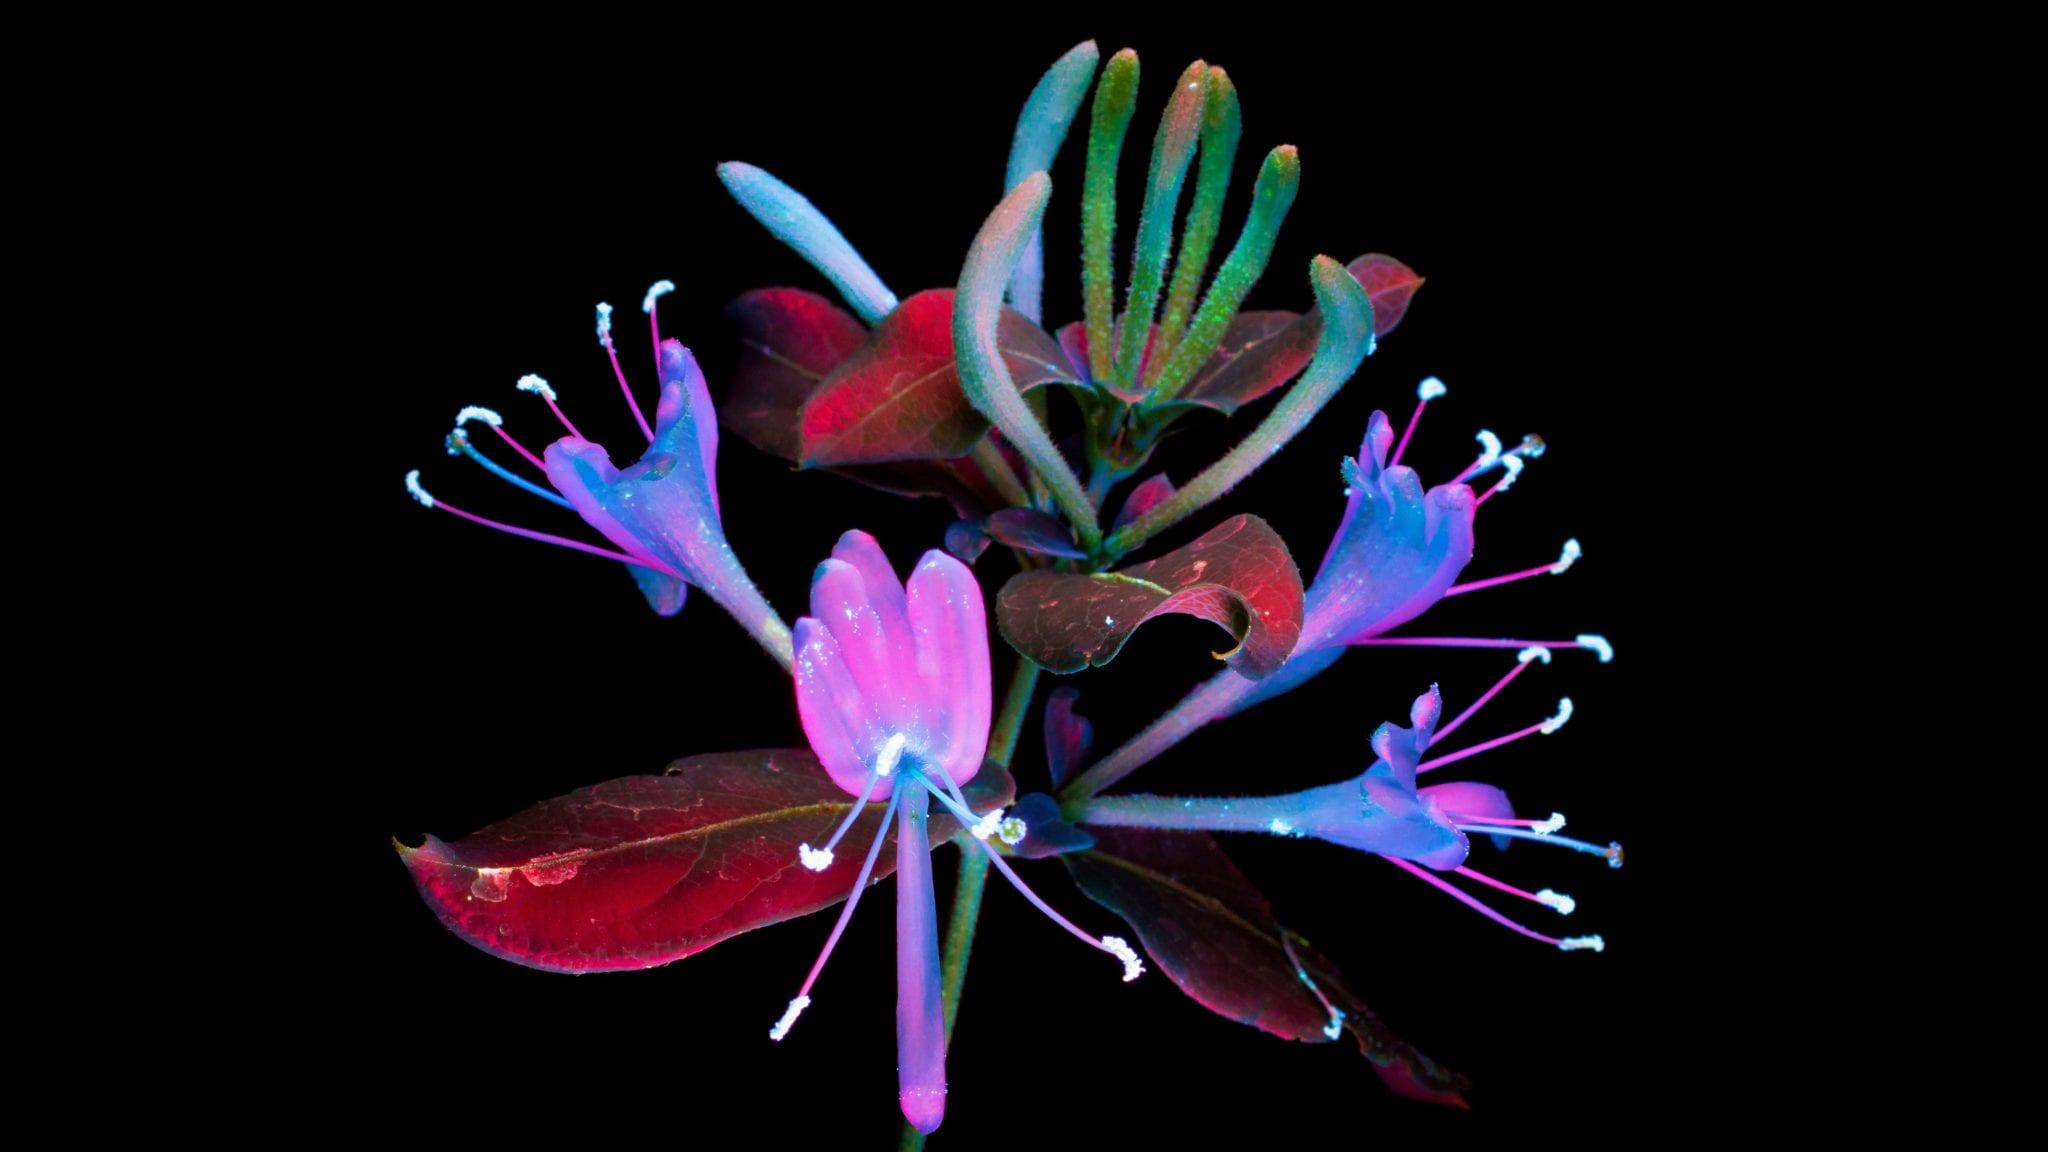 Flower 2 - Stiahnite si vyše 20 nových pozadí z macOS Mojave